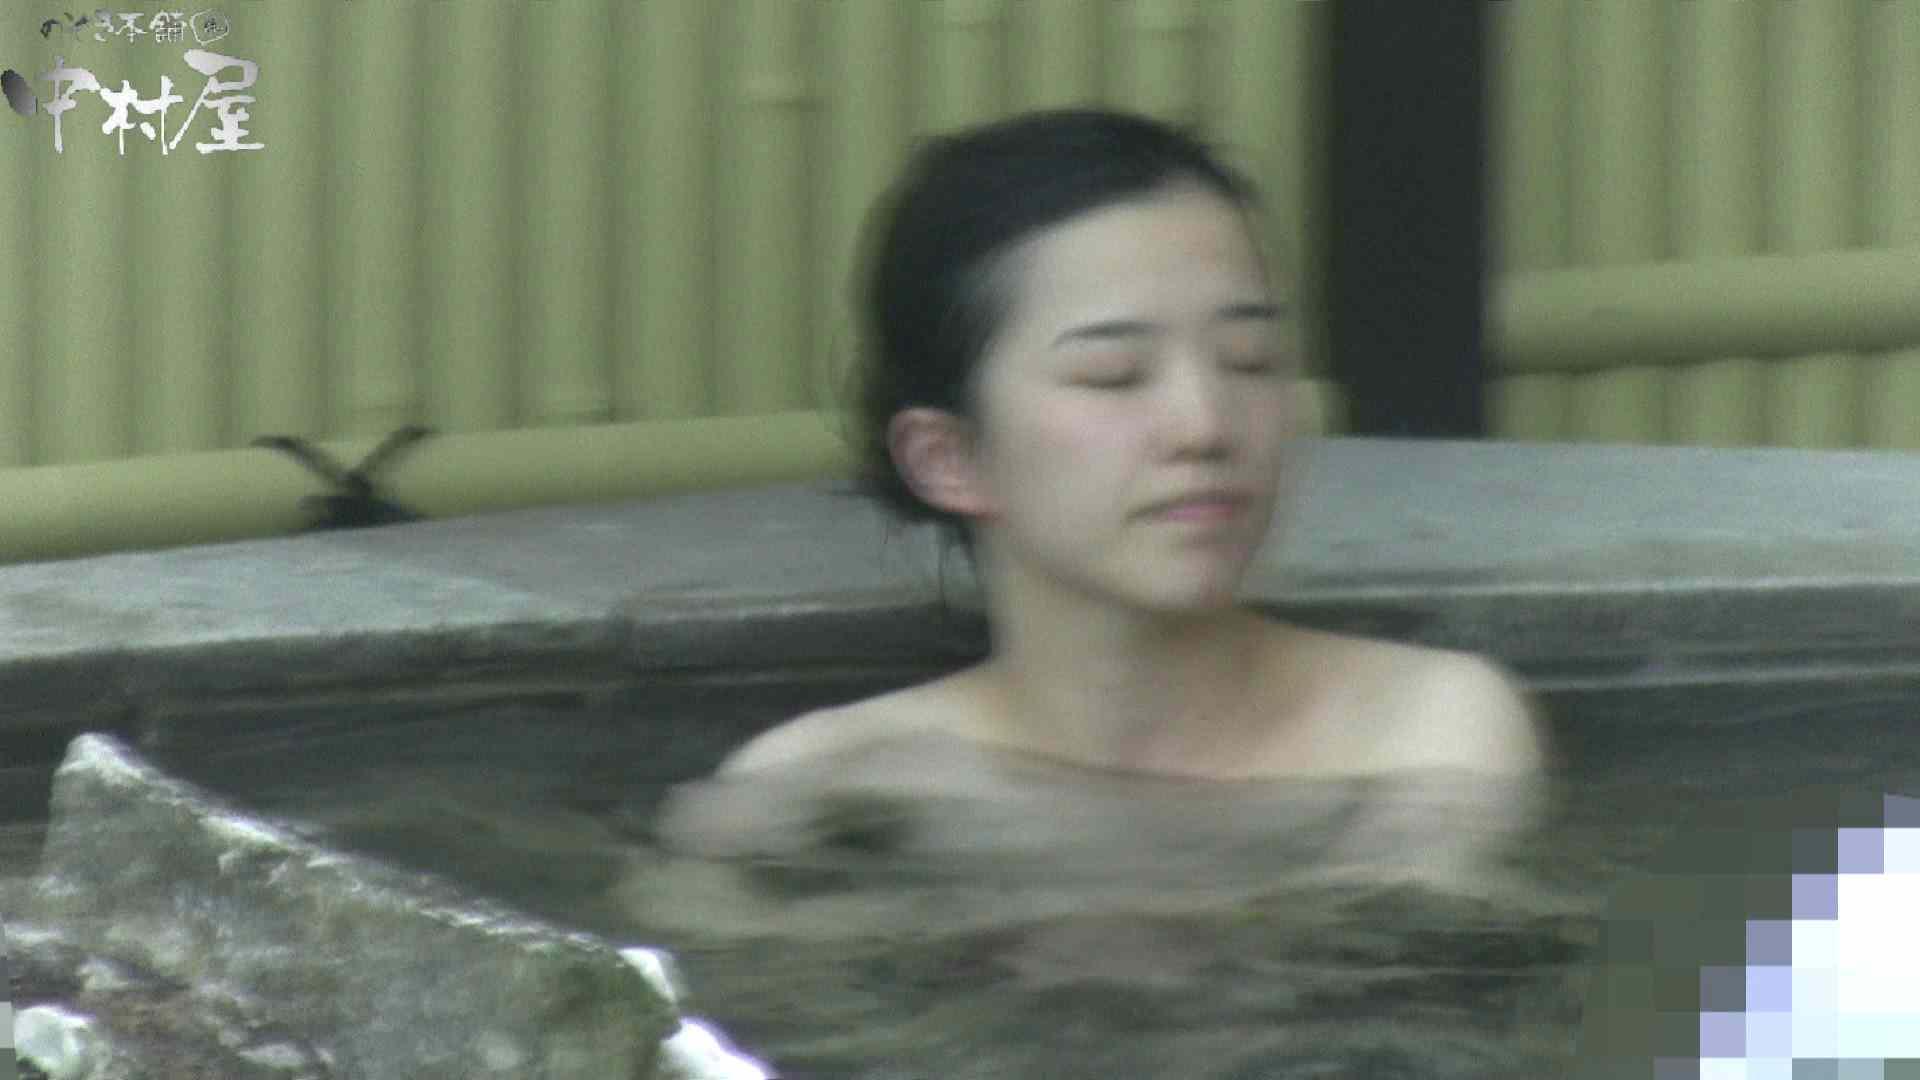 Aquaな露天風呂Vol.908 露天   盗撮  81pic 40